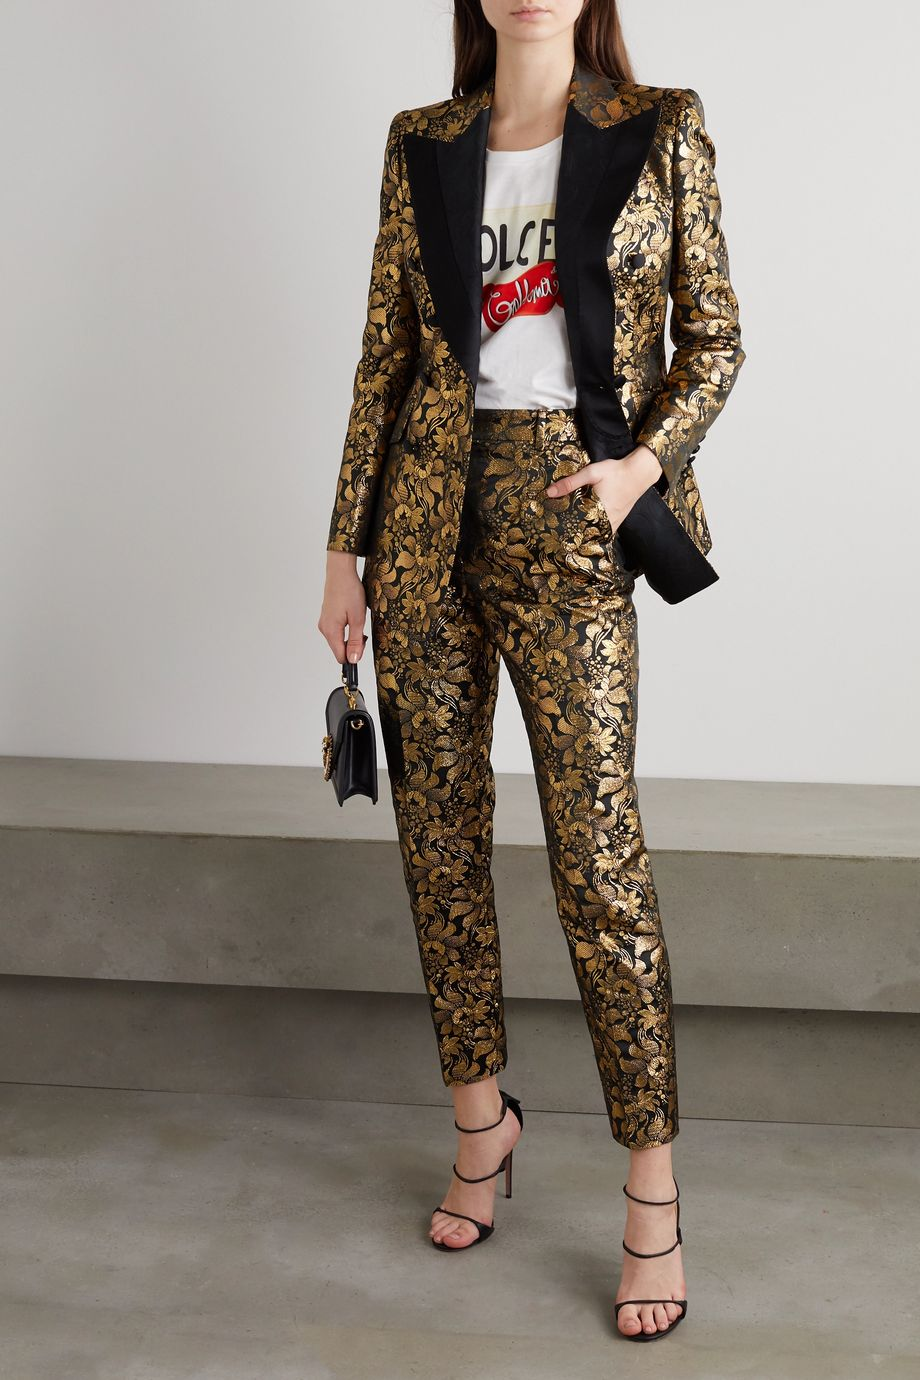 Dolce & Gabbana Débardeur en jersey de coton imprimé